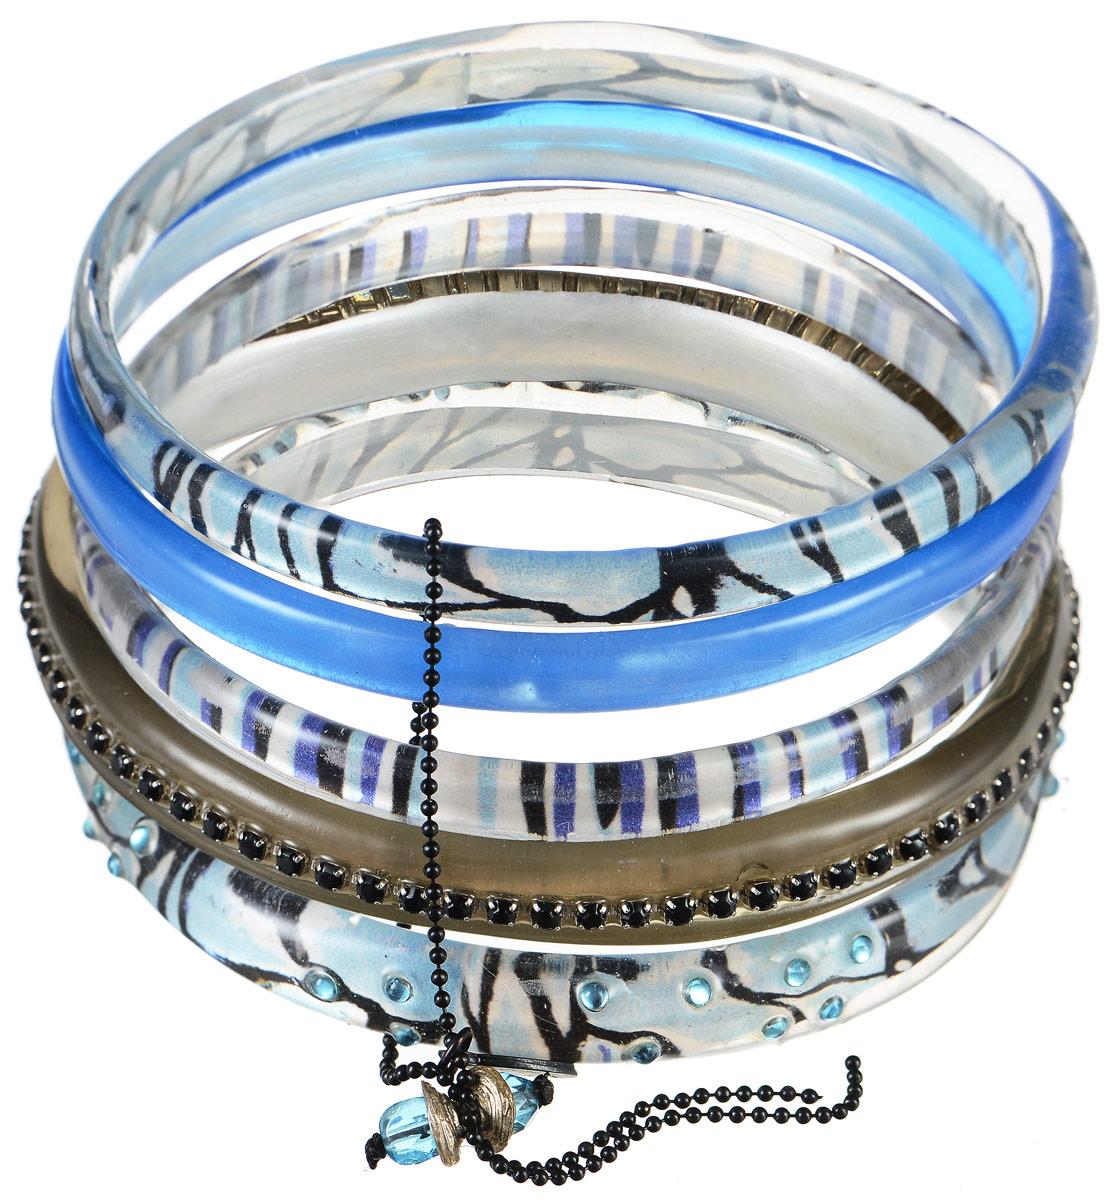 Браслет Lalo Treasures Row, цвет: голубой, серый. Bn2500Браслет с подвескамиЯркое комбинированное украшение Lalo Treasures Row включает пять браслетов, выполненных из ювелирной смолы. Изделия оформлены стразами и оригинальными орнаментами.Стильное украшение поможет дополнить любой образ и привнести в него завершающий яркий штрих.